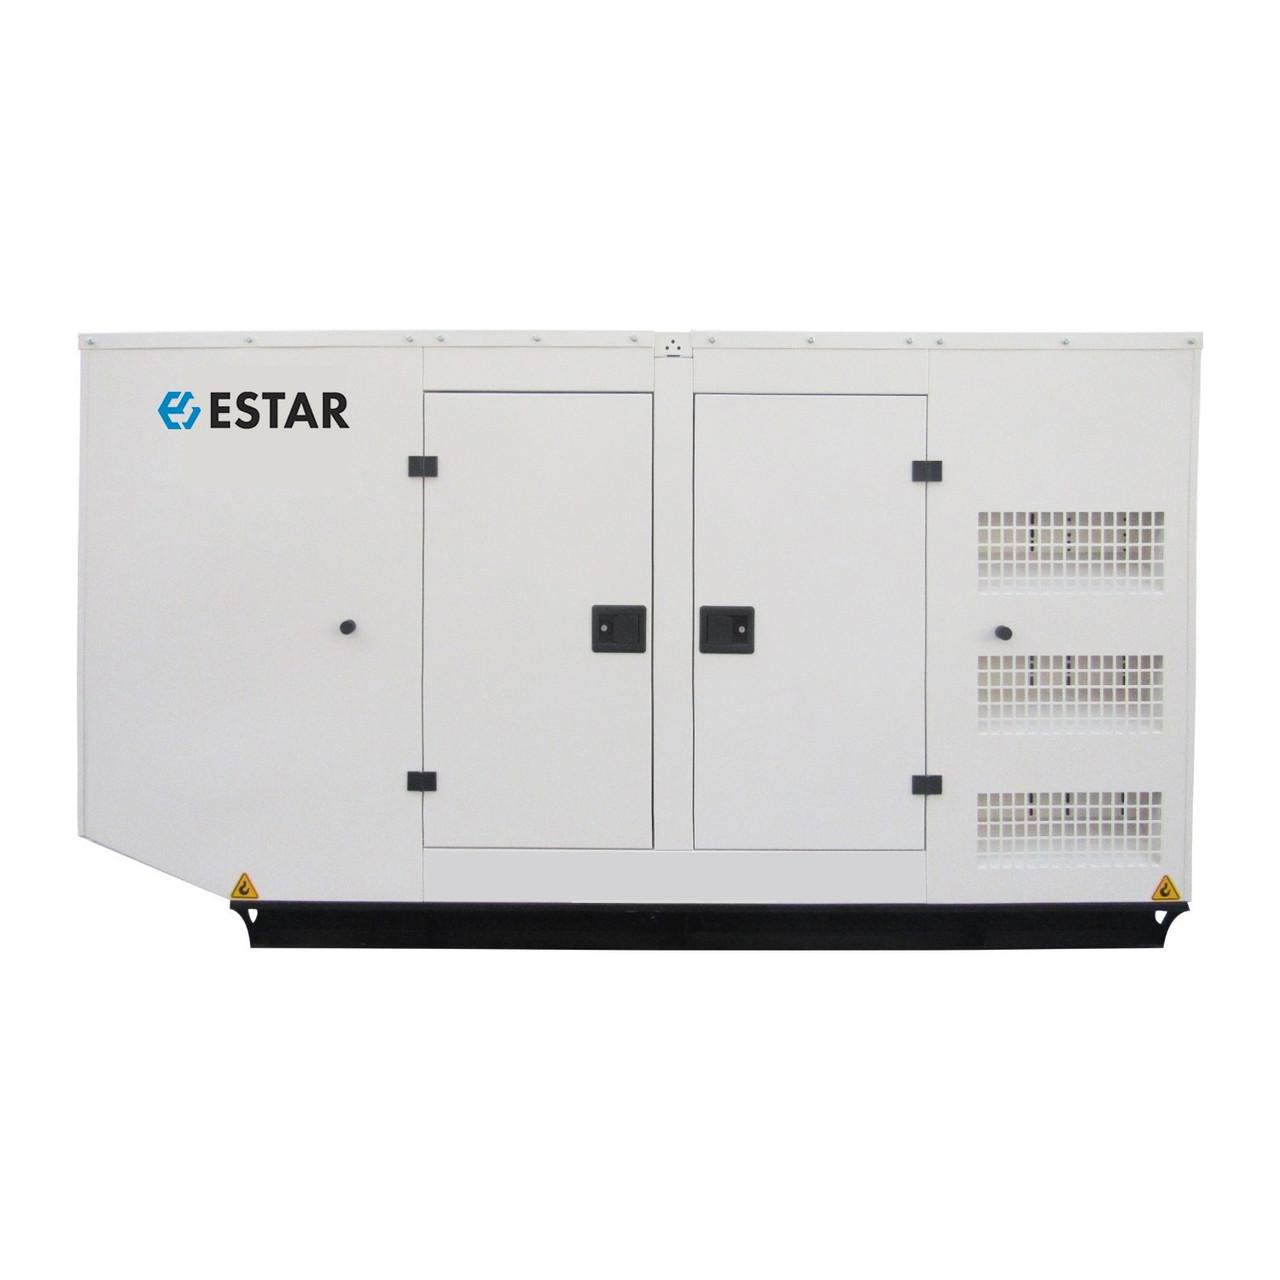 ⚡ESTAR ES75-RSA (60 кВт) + АВР (подогрев и автоматический запуск)